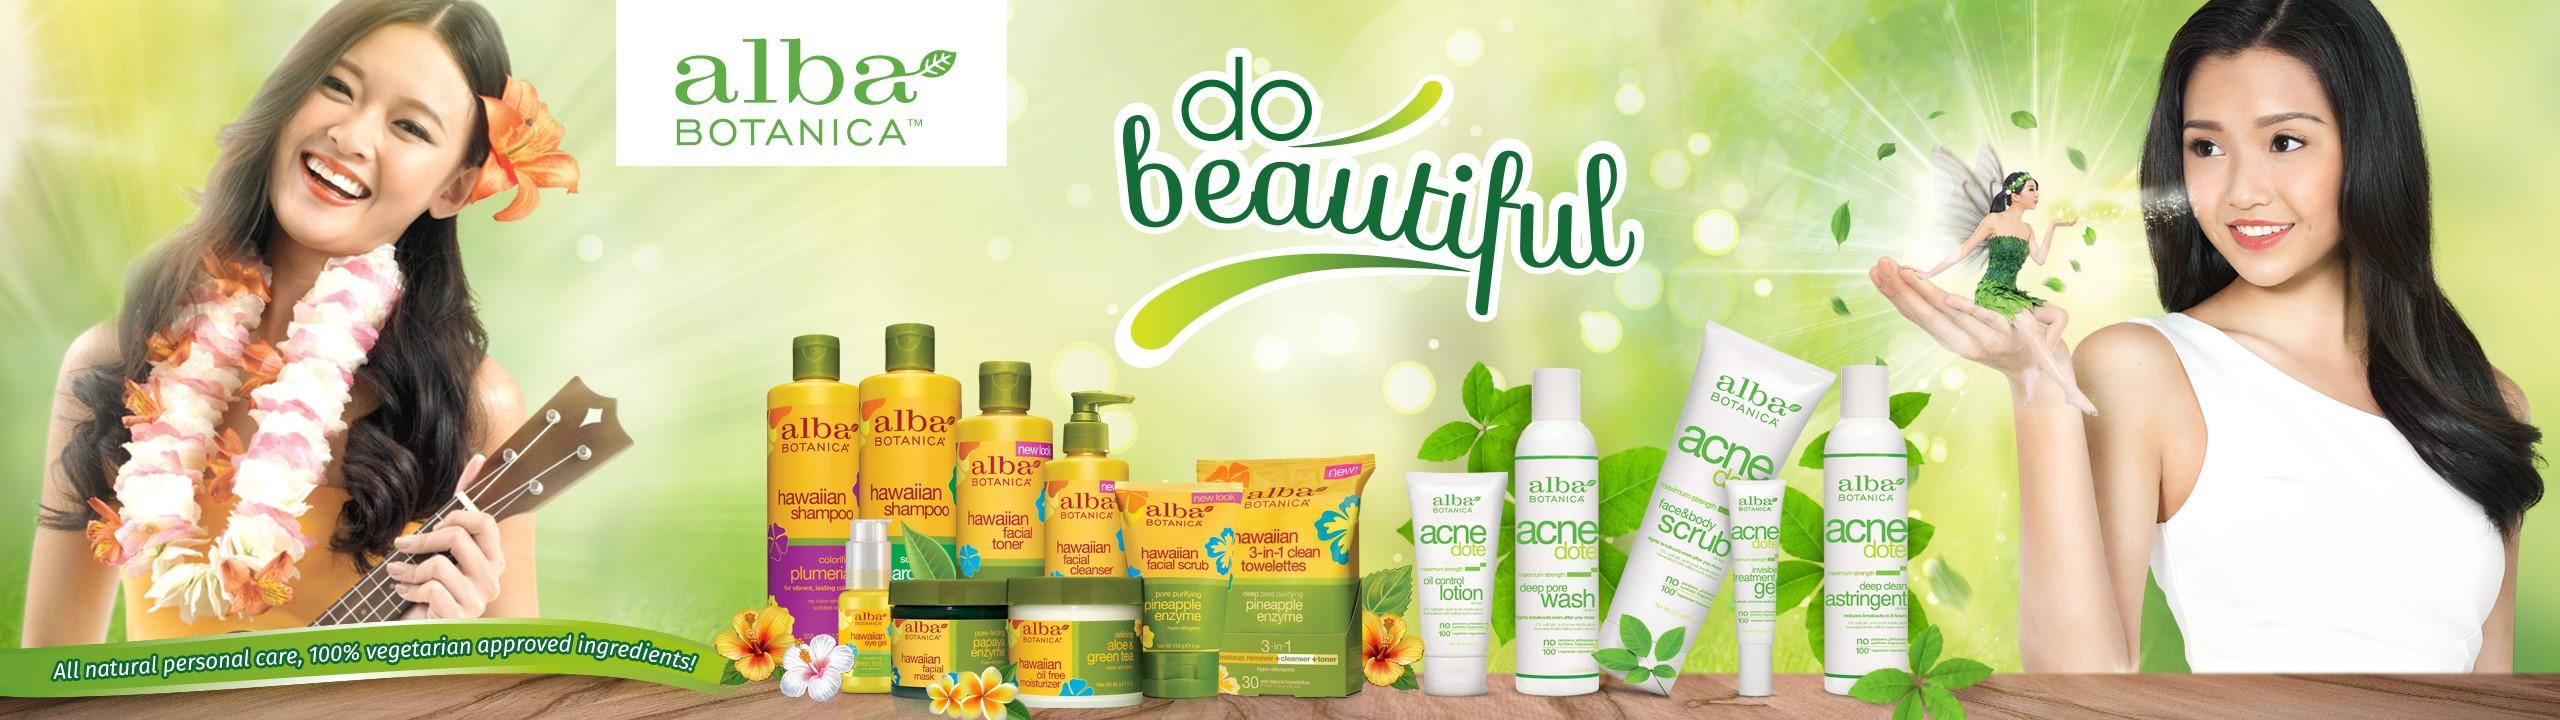 saphy-alba-botanica-hawaiian-cosmetics